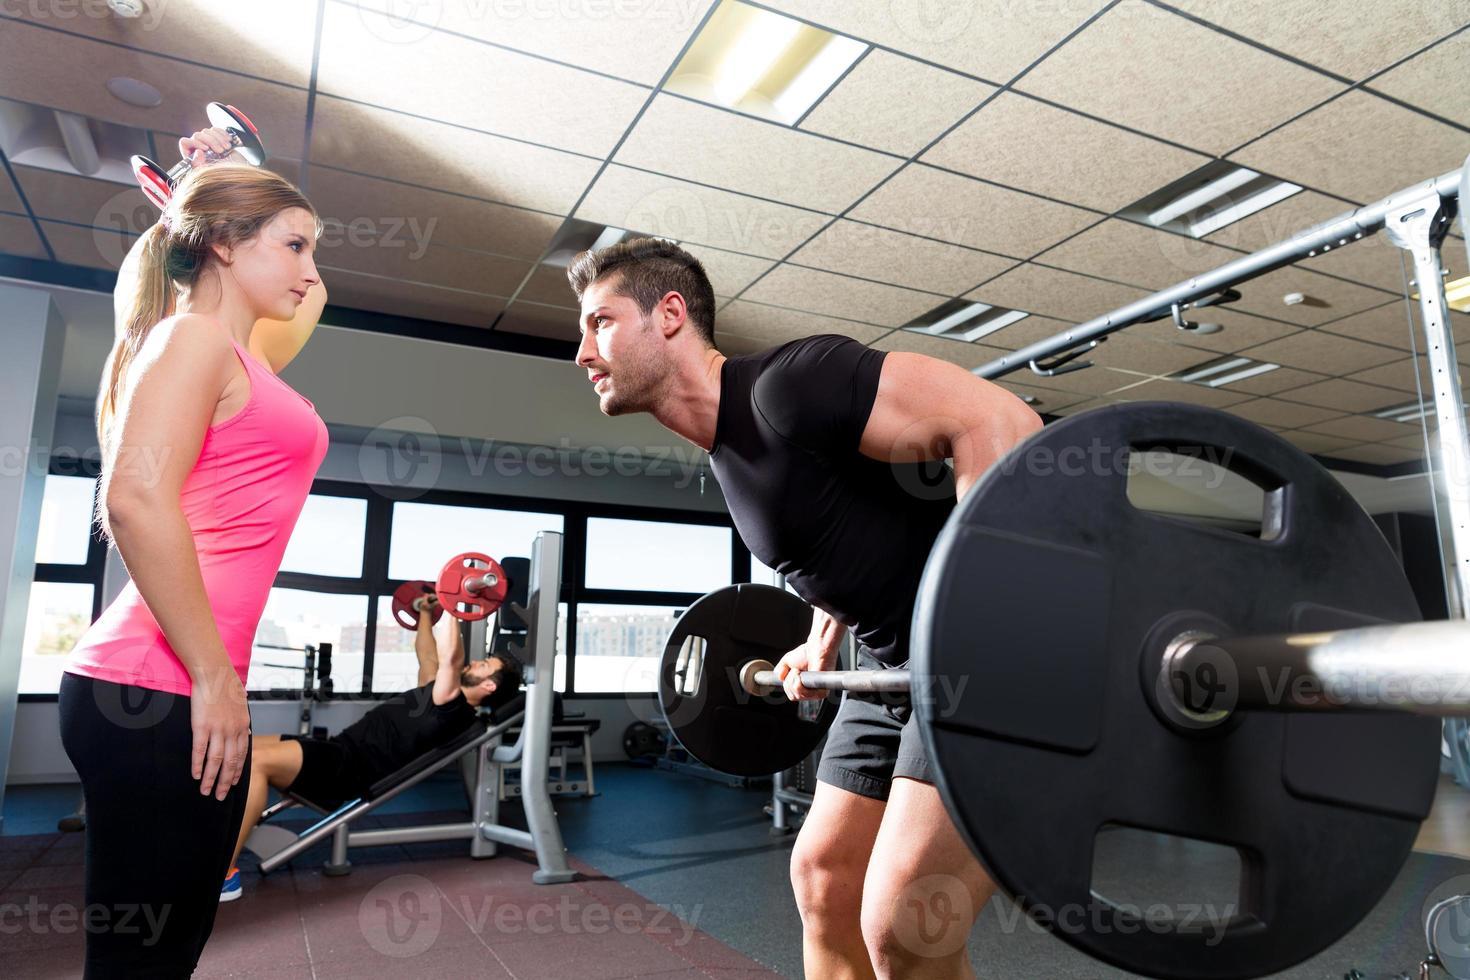 Fitnessstudio Gewichtheben Paar Training Langhantel Hantel foto